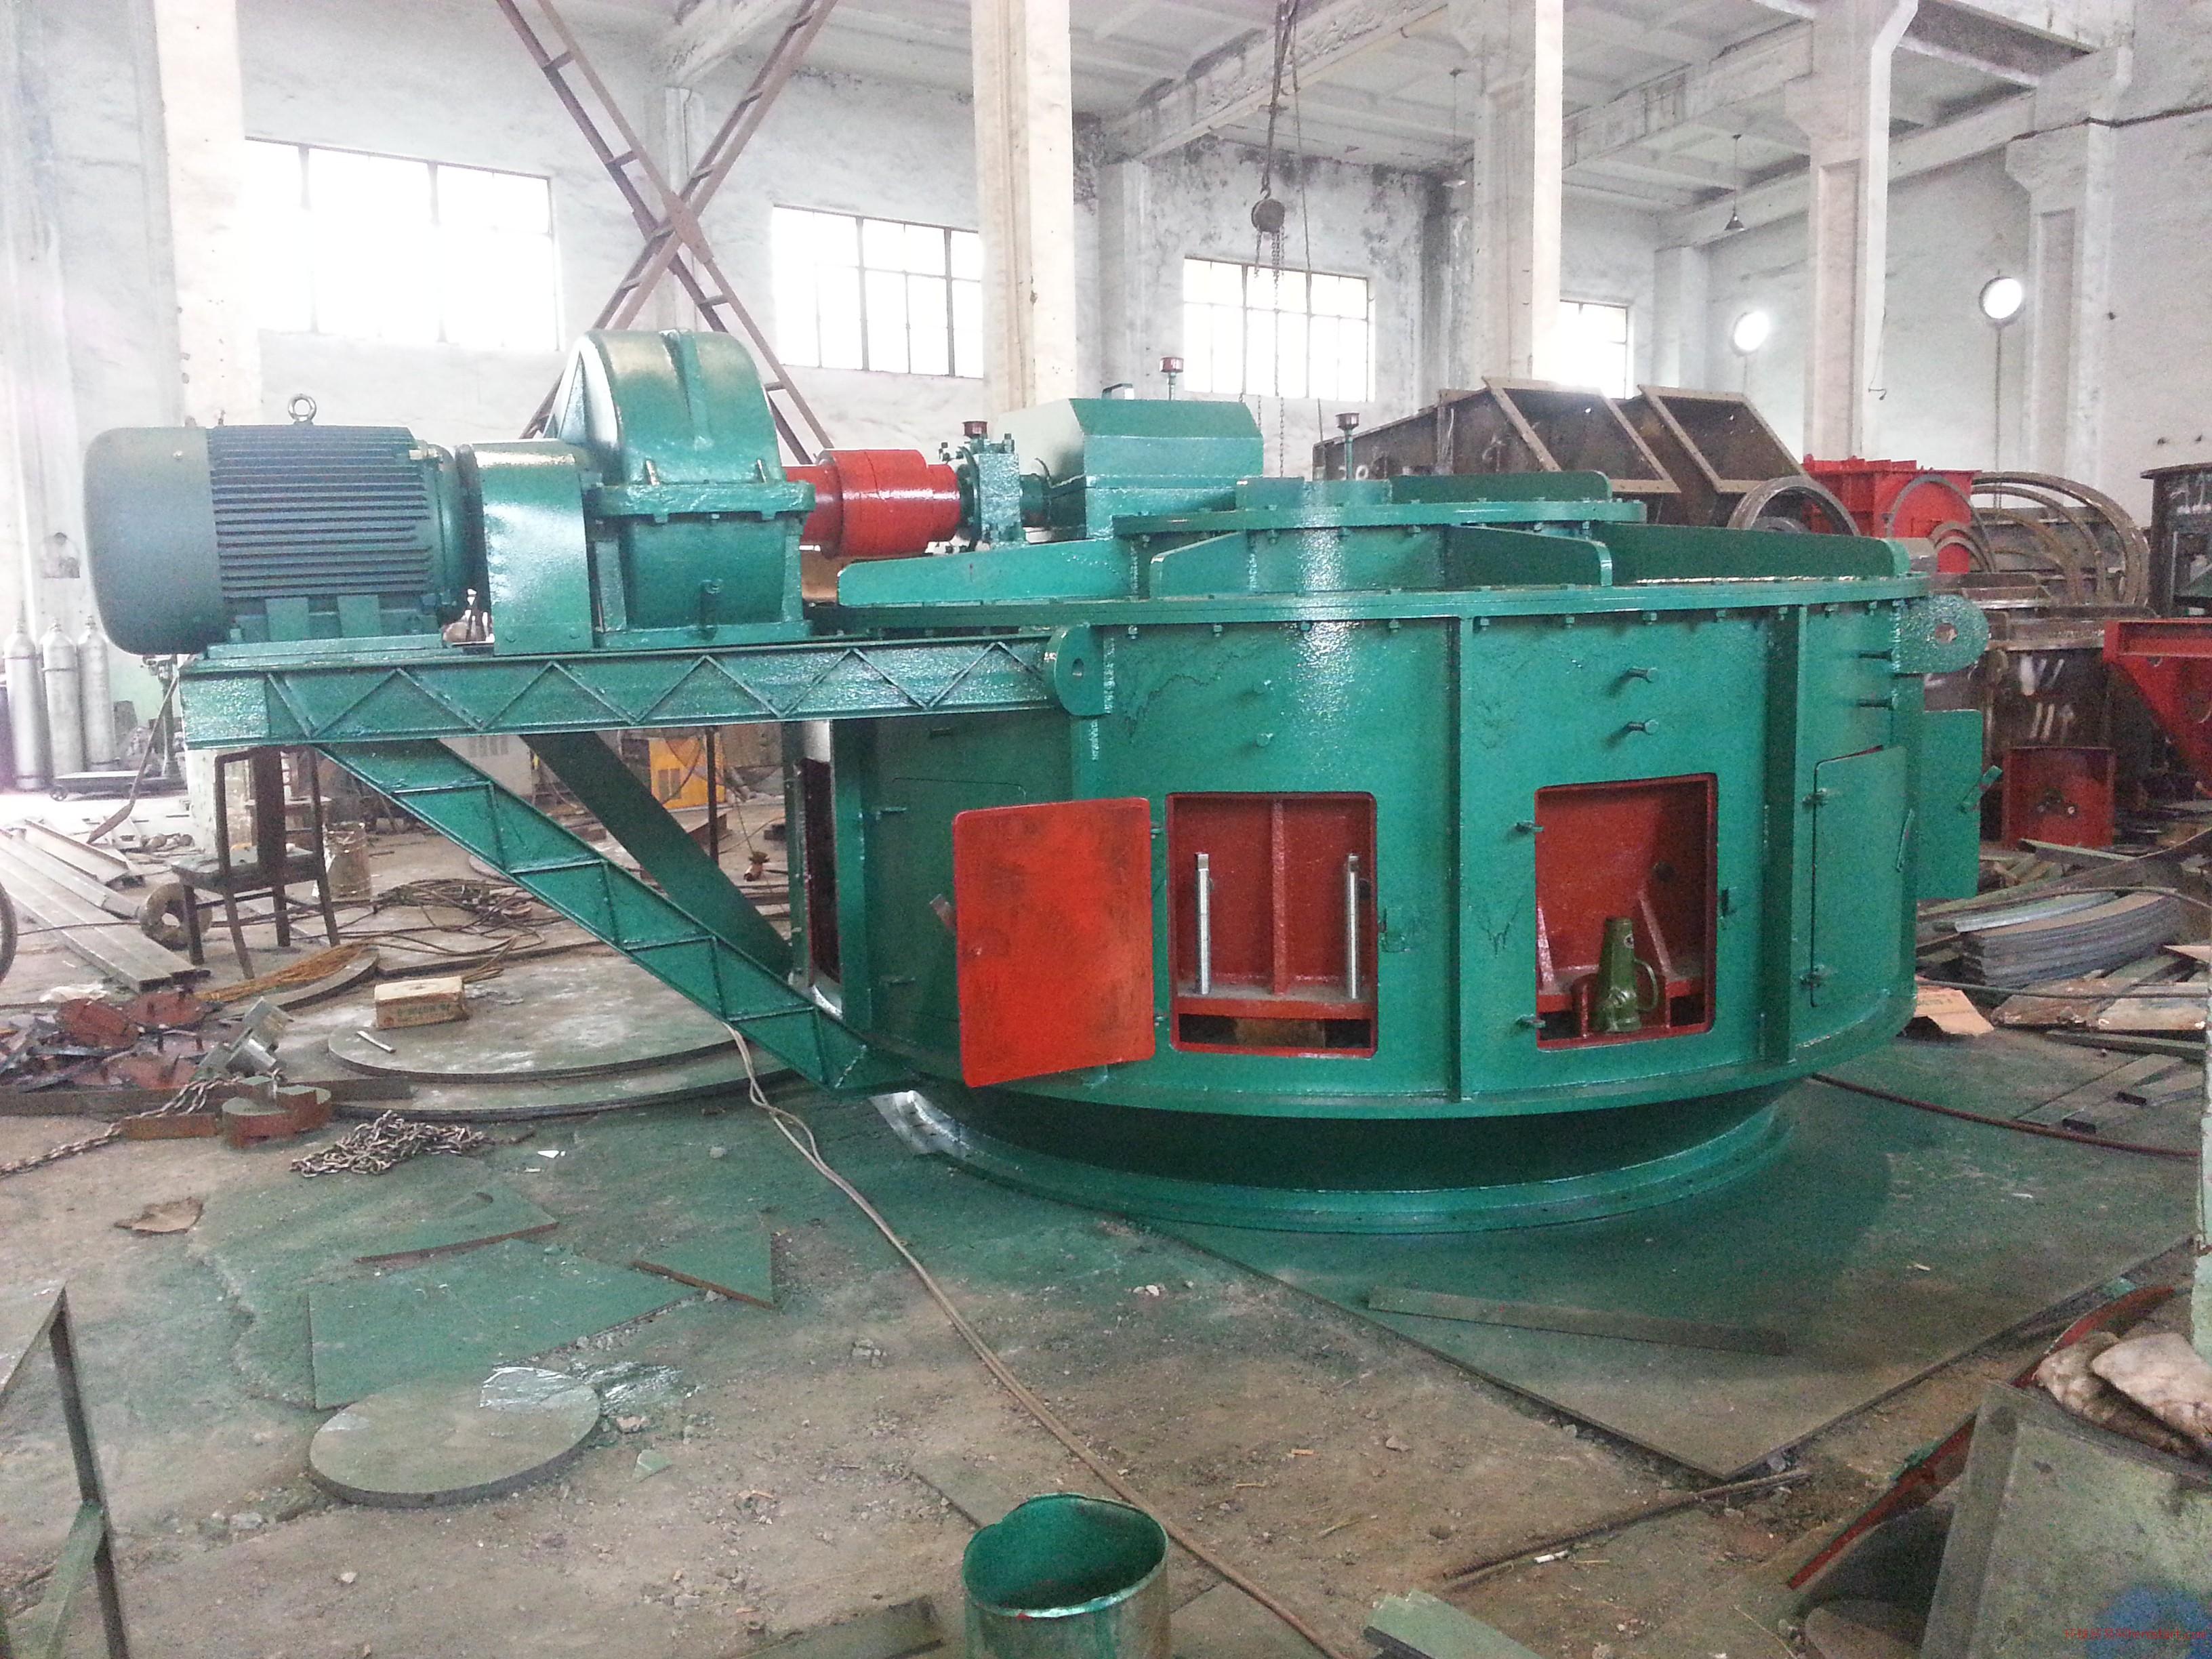 硅铁破碎机,内蒙古硅铁破碎机,全国硅铁破碎机